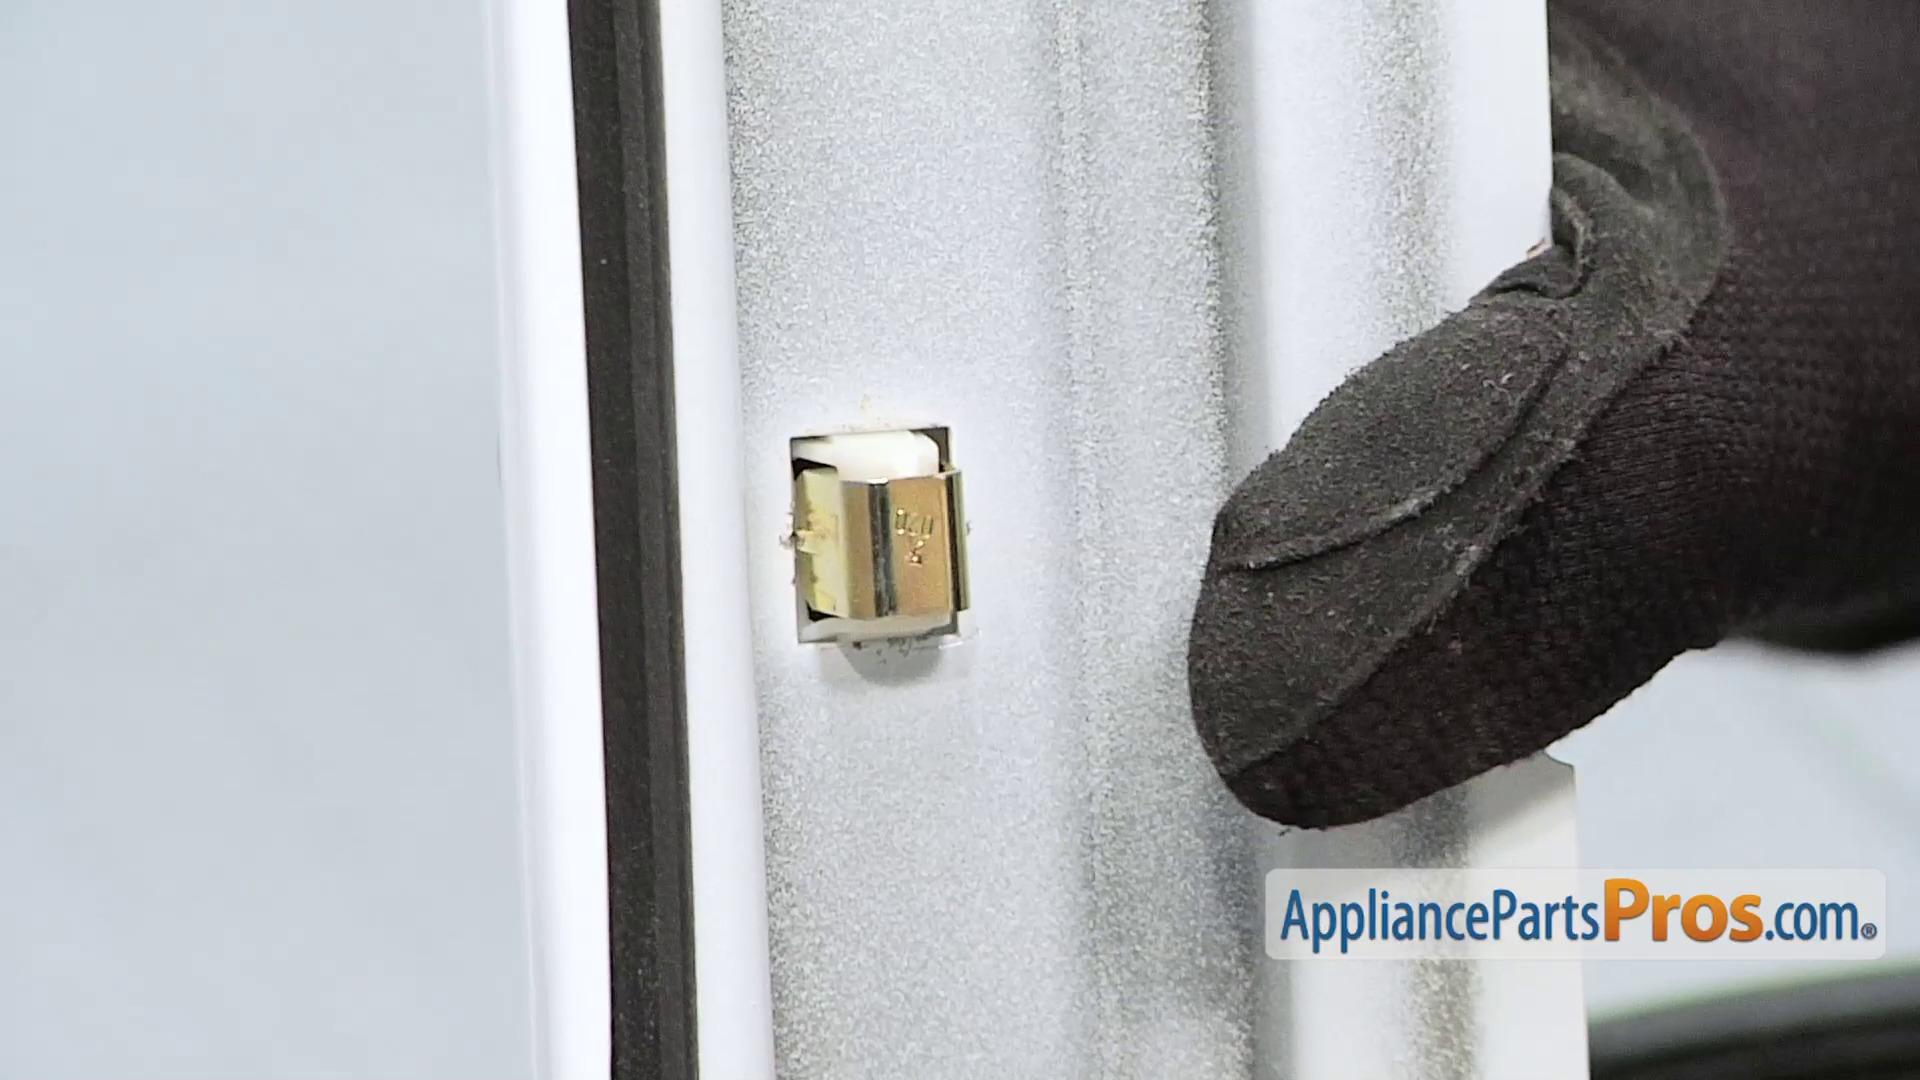 & Whirlpool LA-1003 Door Catch Kit - AppliancePartsPros.com Pezcame.Com